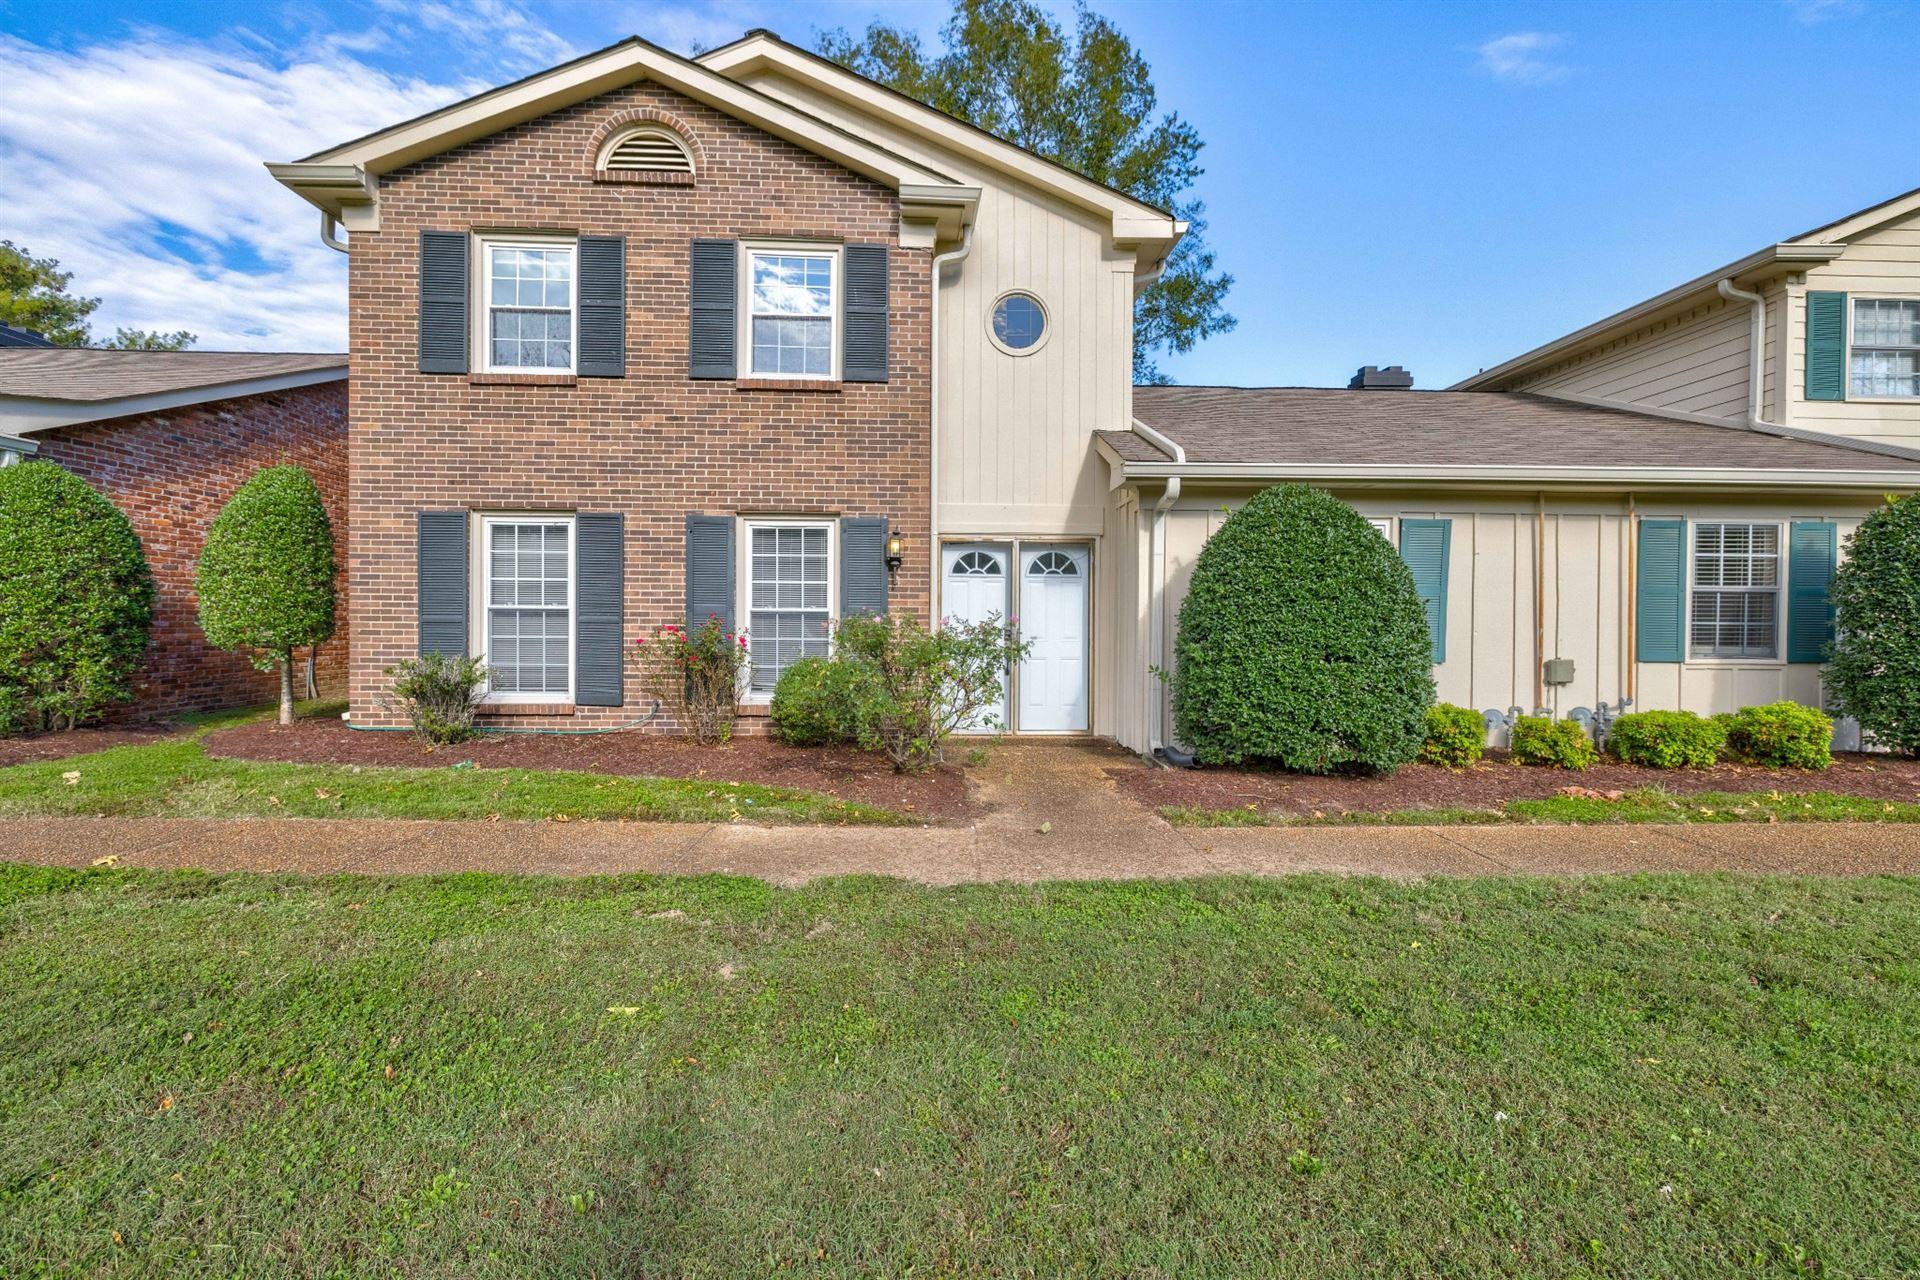 216 Boxwood Dr, Franklin, TN 37069 - MLS#: 2299245